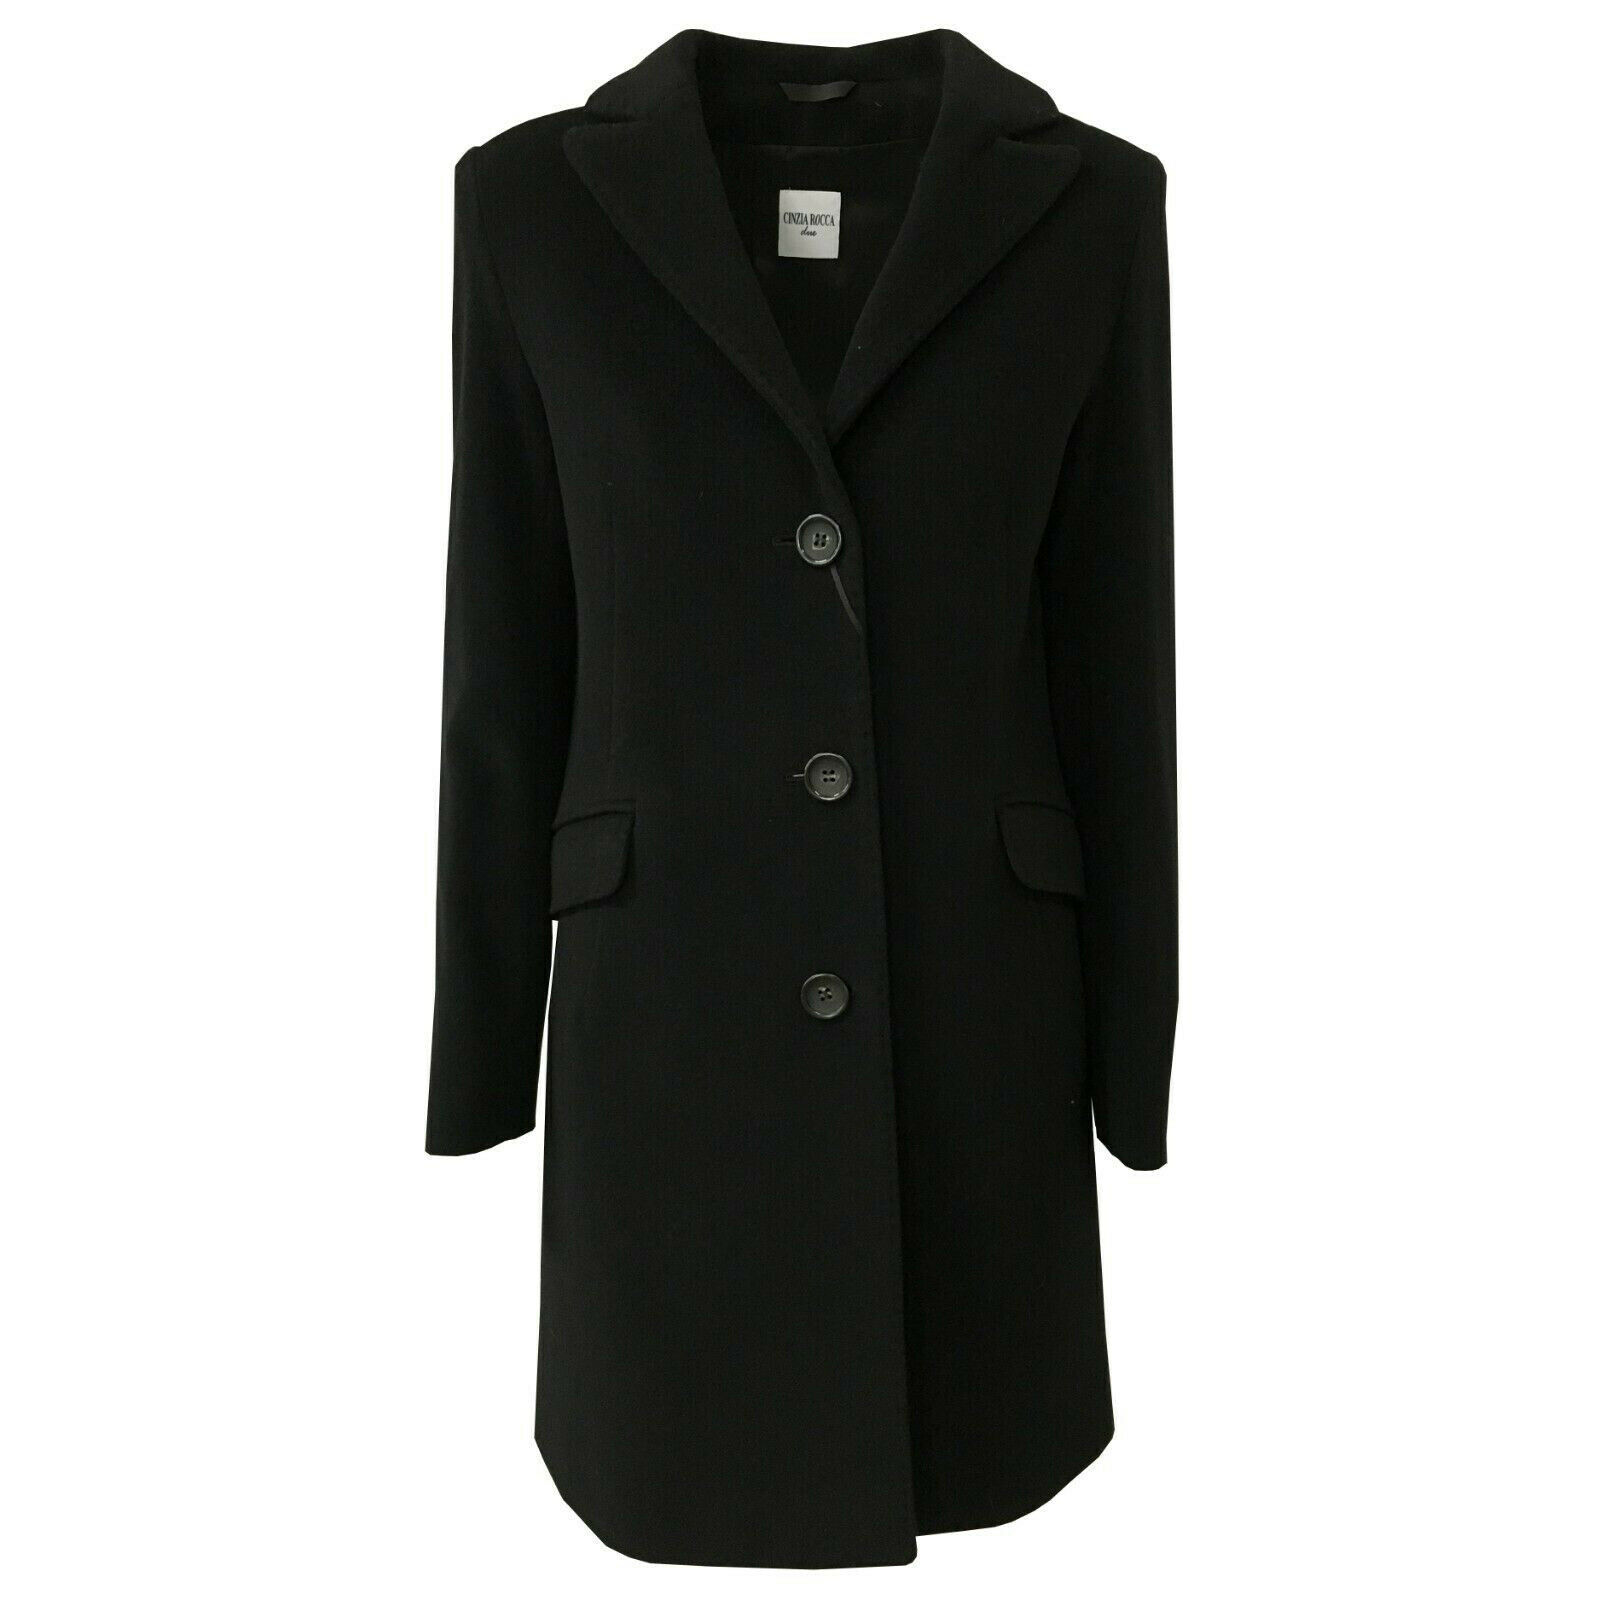 Dettagli su CINZIA ROCCA cappotto donna nero 70% lana 20% poliammide 10% cachemire art 45D3